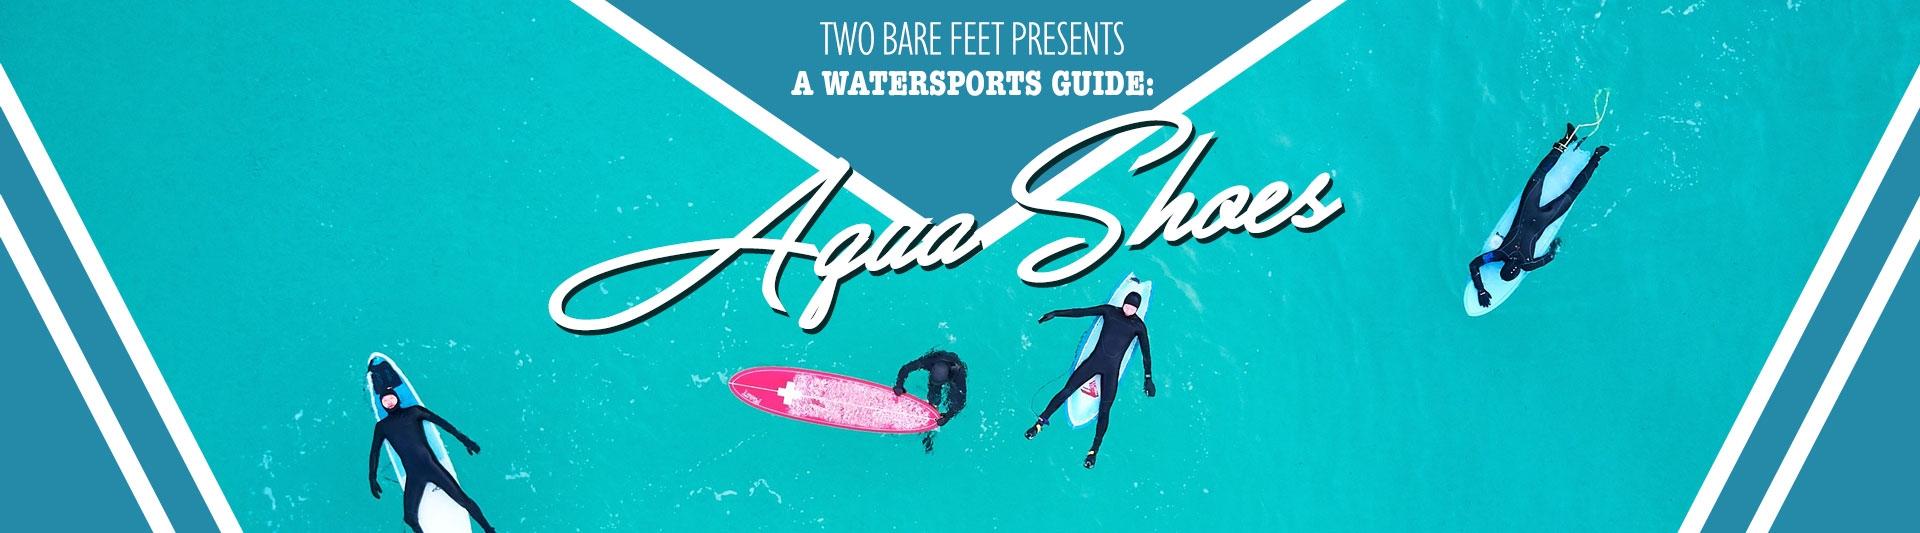 Aqua shoes banner